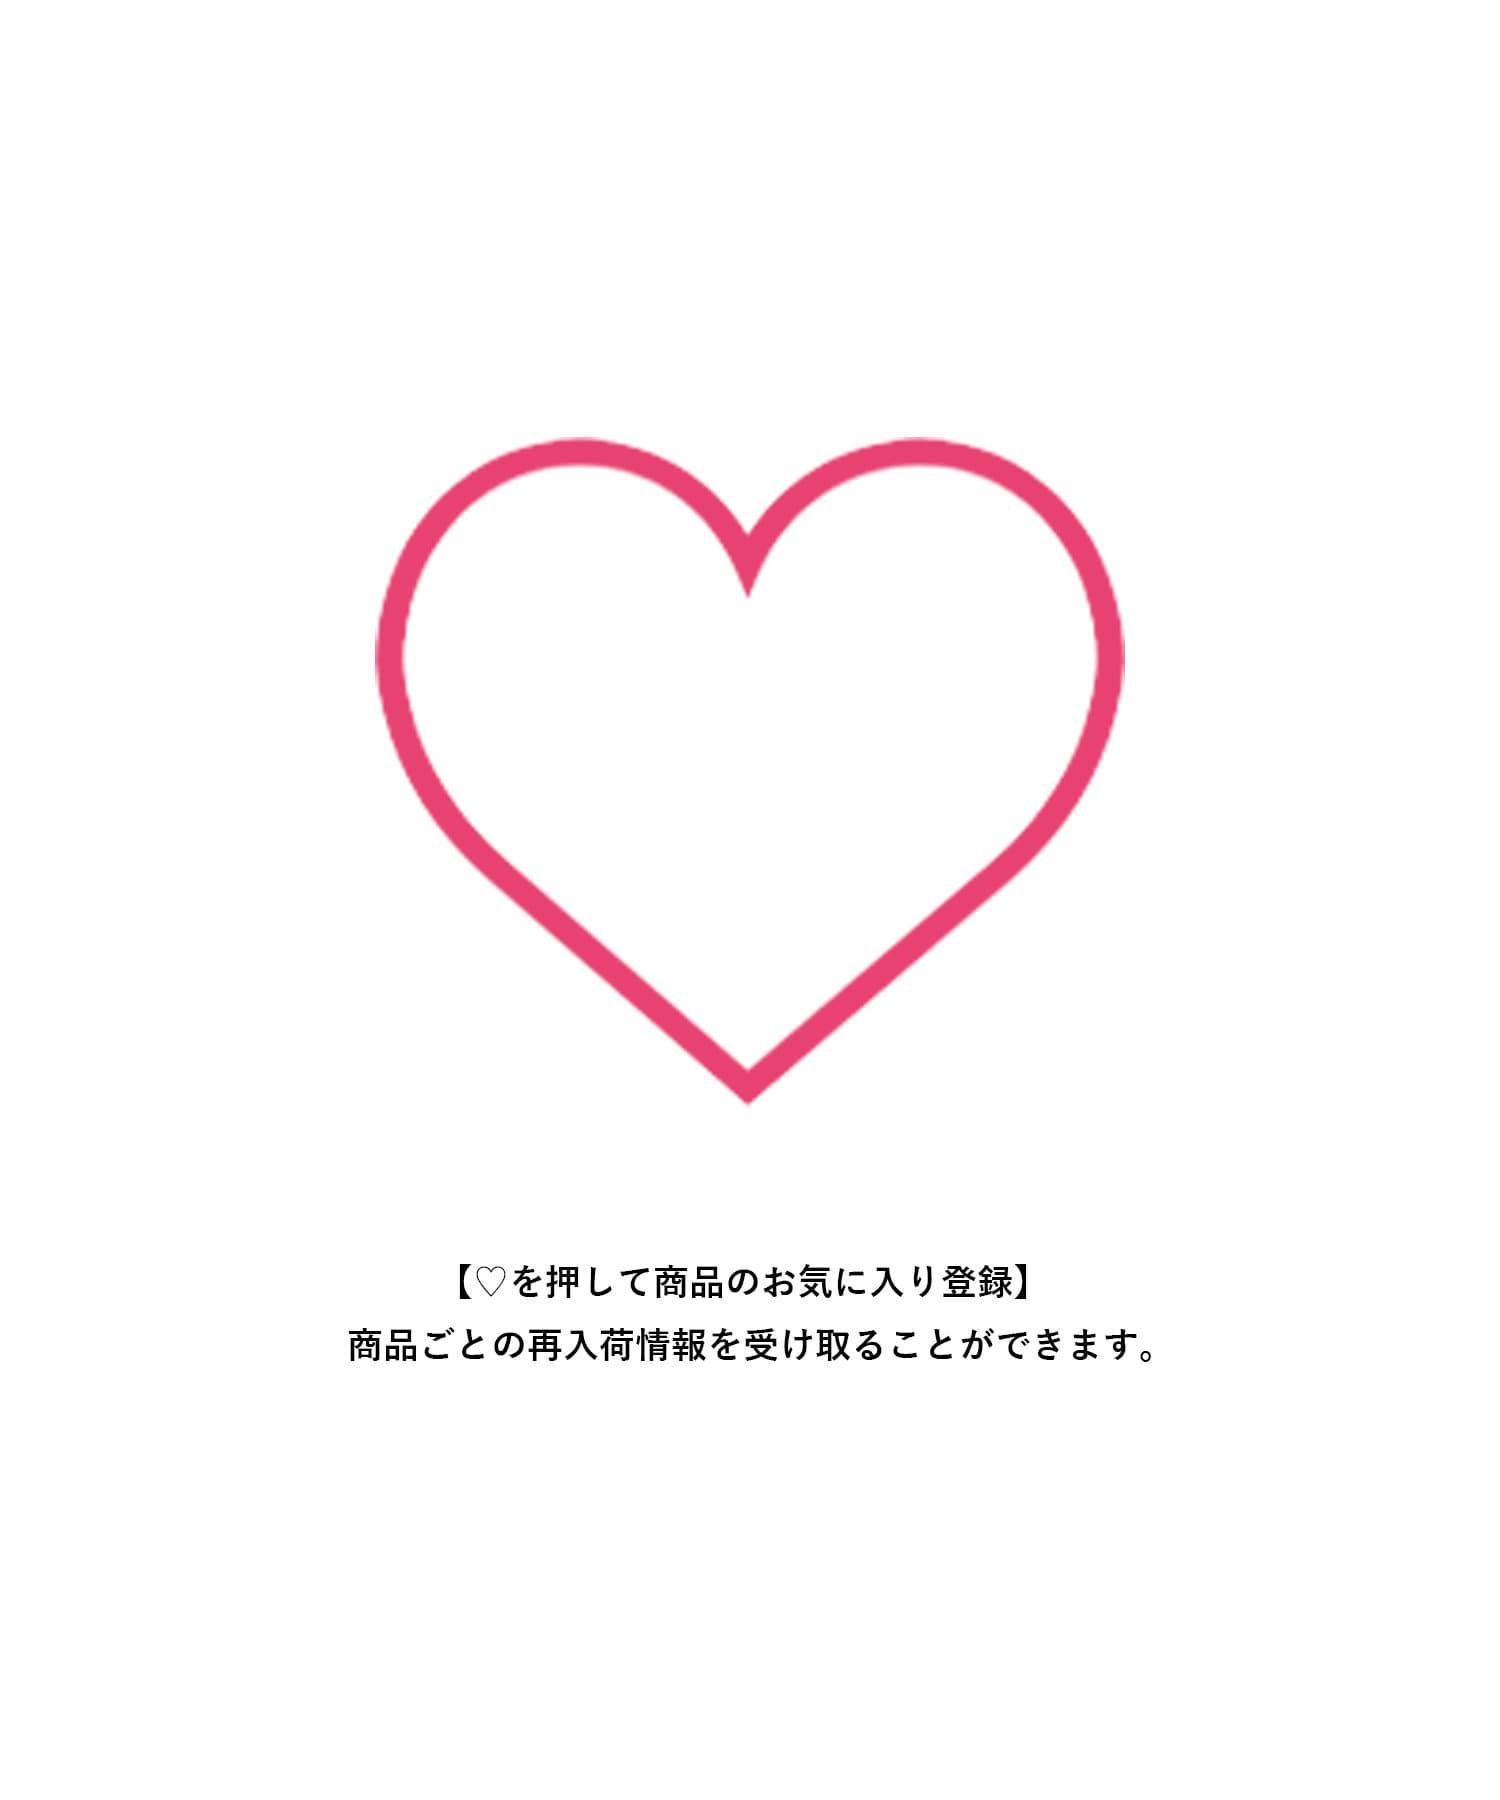 COLLAGE GALLARDAGALANTE(コラージュ ガリャルダガランテ) 【PAPILLONNER/パピヨネ】ワンハンドルトート